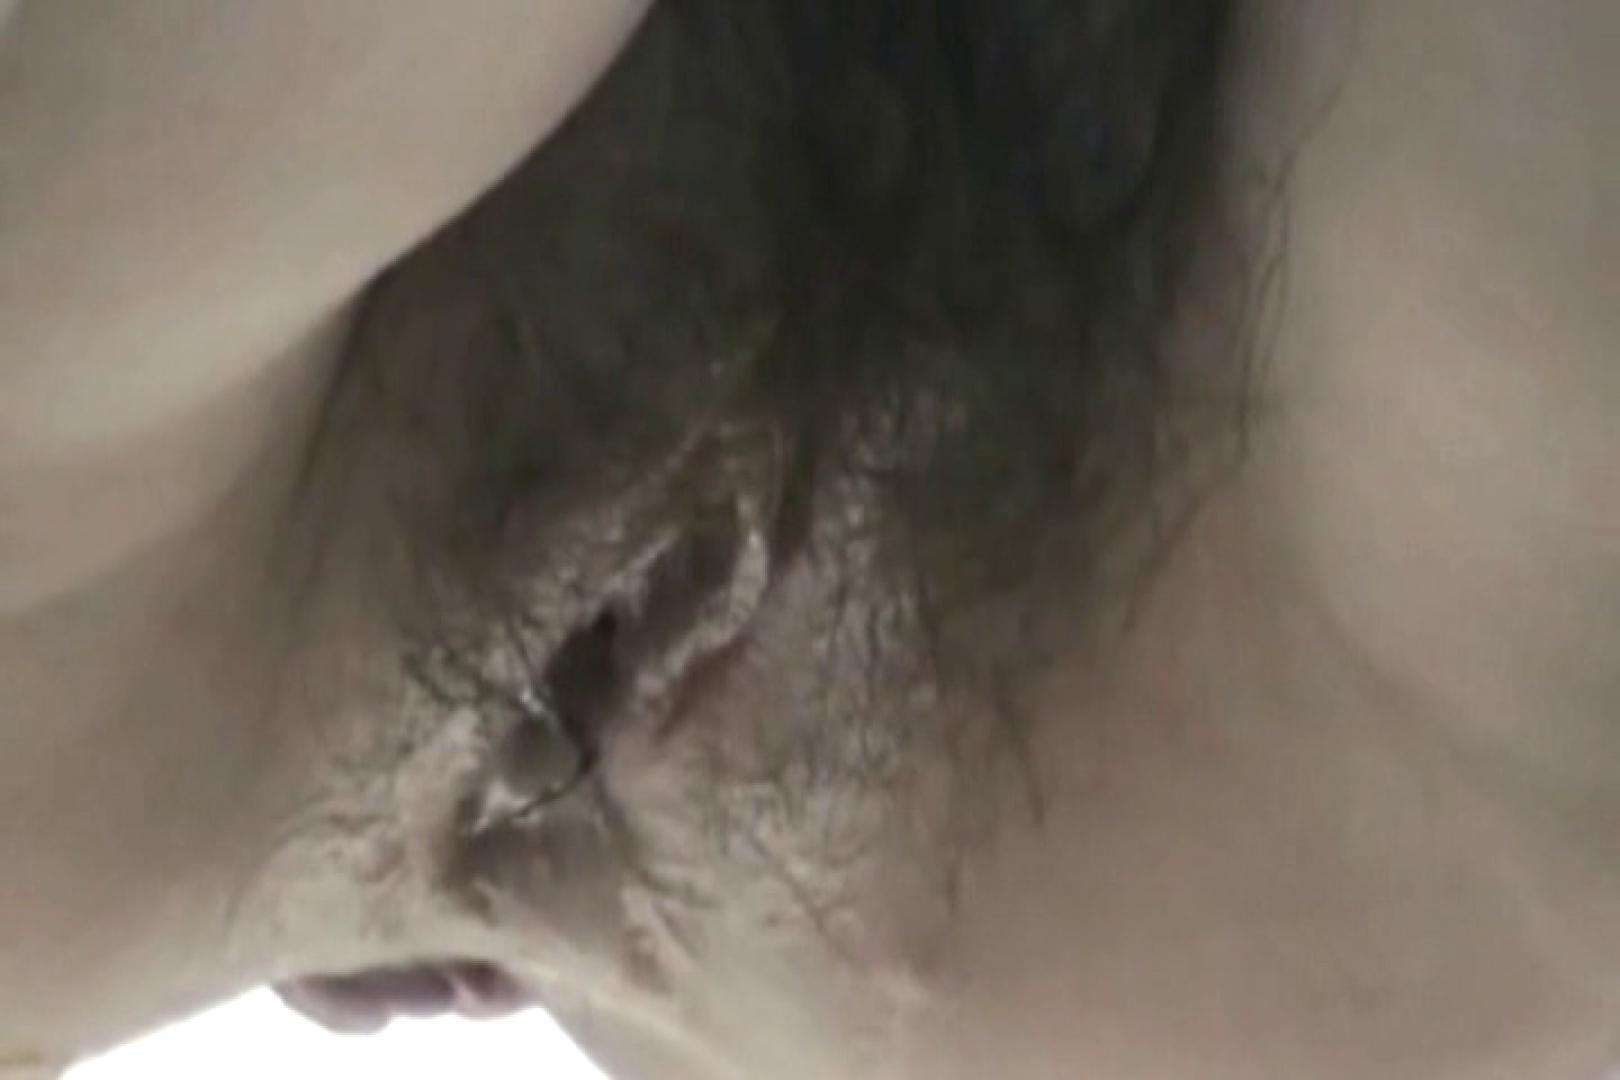 ぼっとん洗面所スペシャルVol.15 ギャルの実態 盗撮われめAV動画紹介 60pic 34